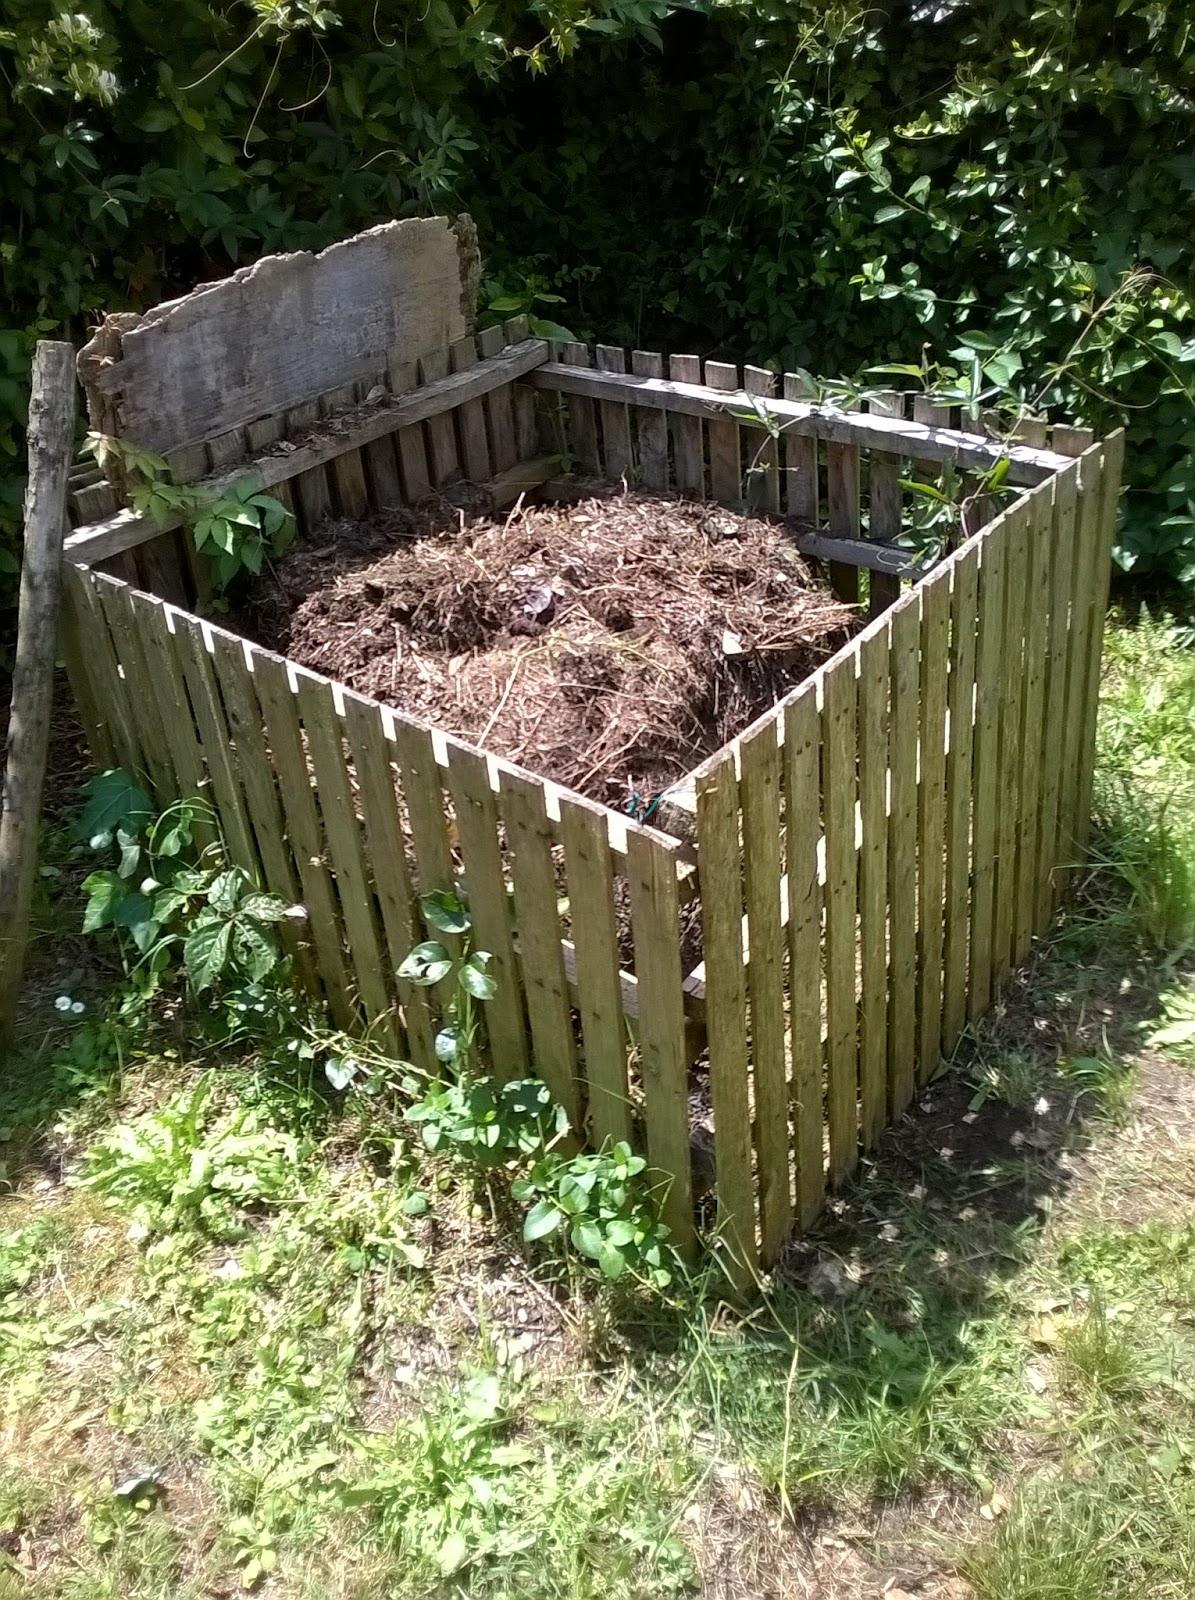 Vita da vivere trucchi e curiosit larve bianche e for Compostiera da giardino